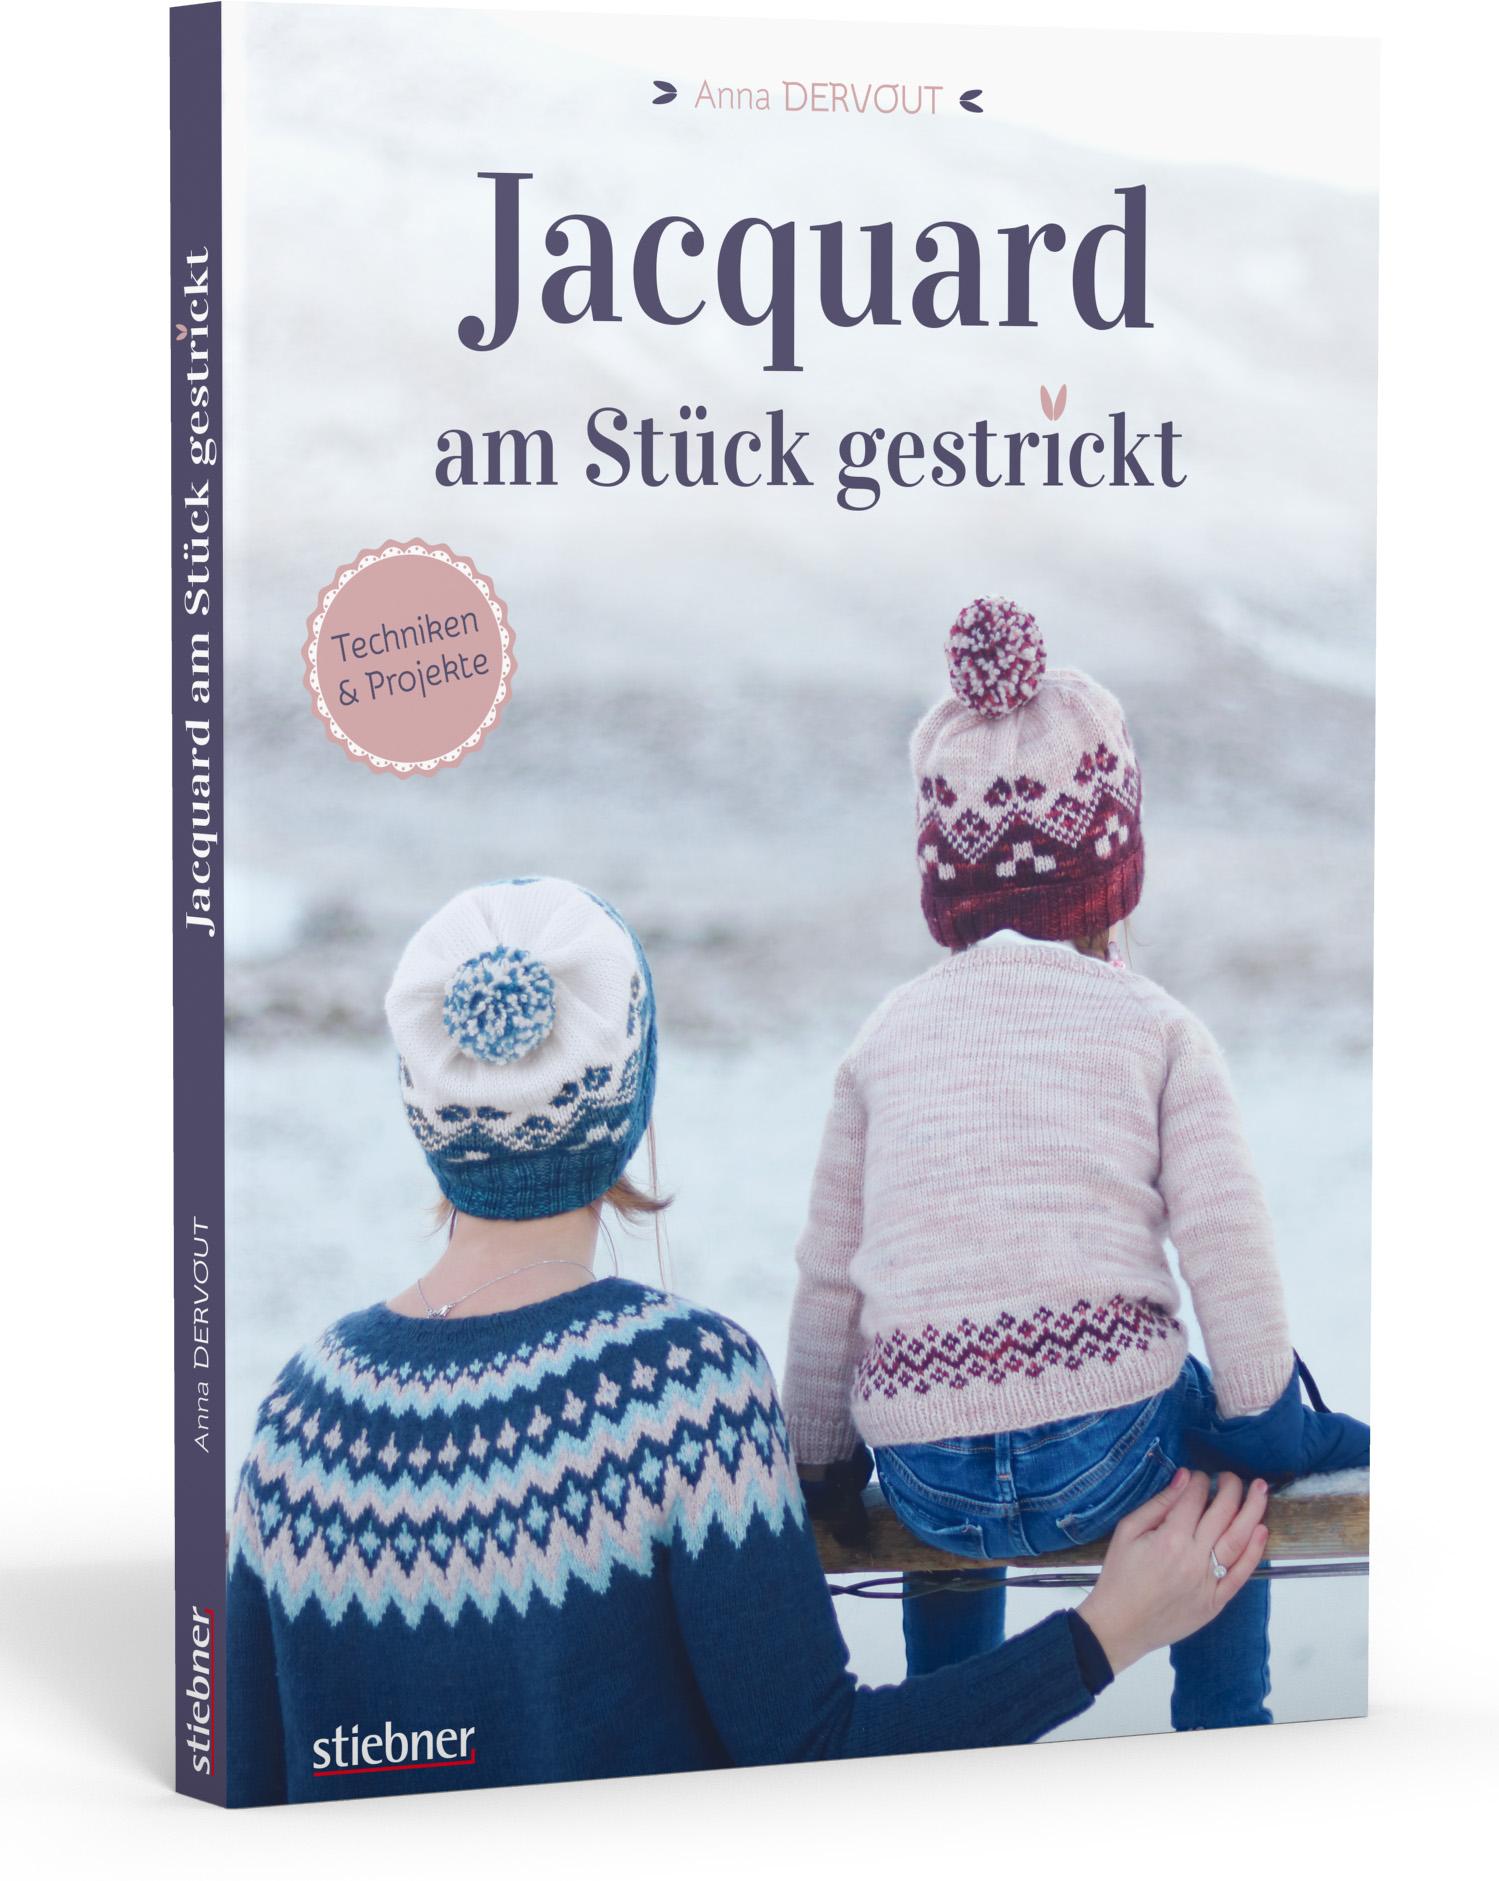 Jacquard - Am Stück gestrickt (Anna Dervout)